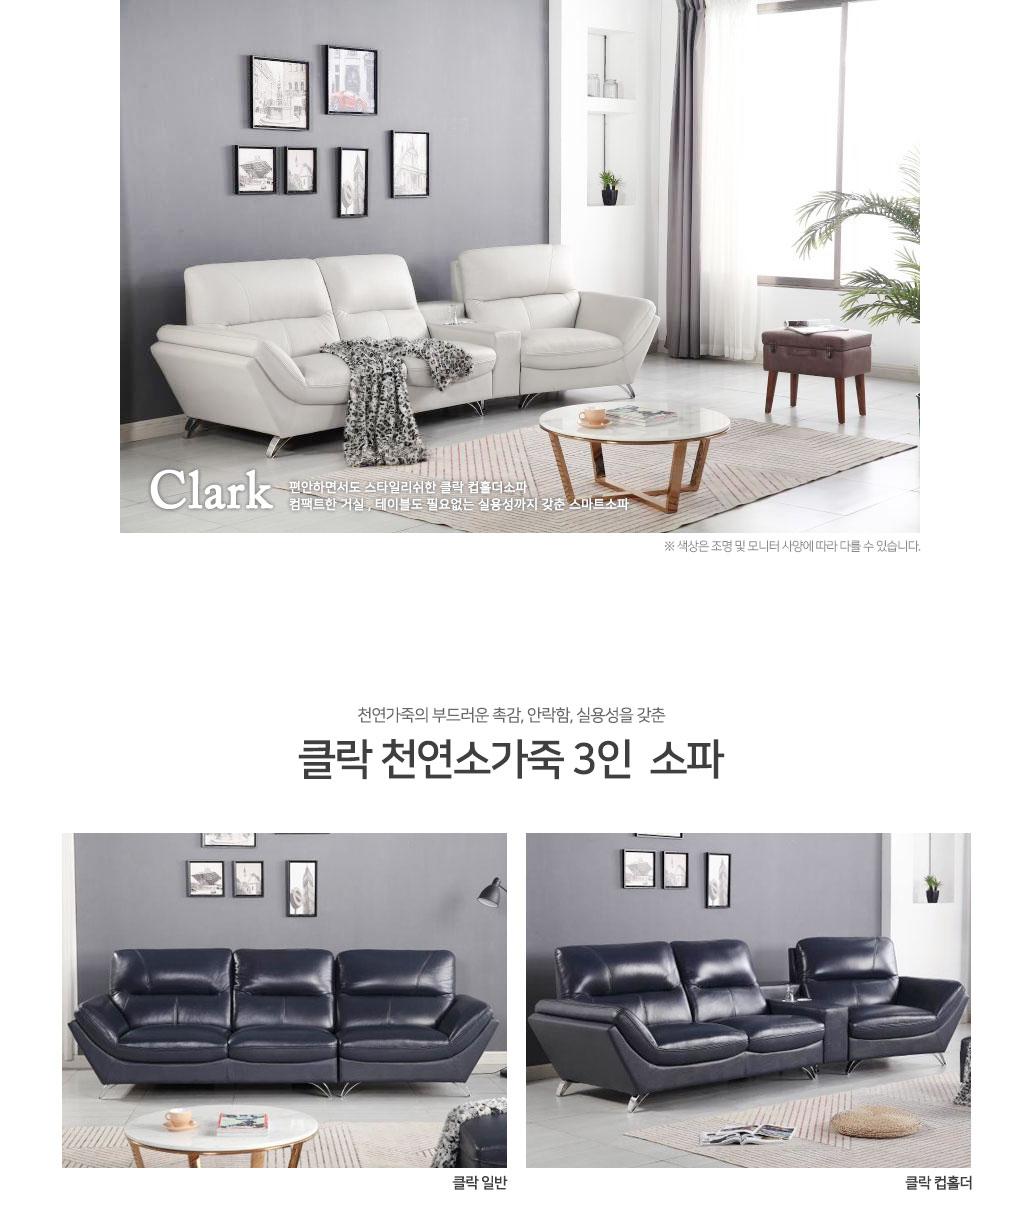 Clark_01.jpg